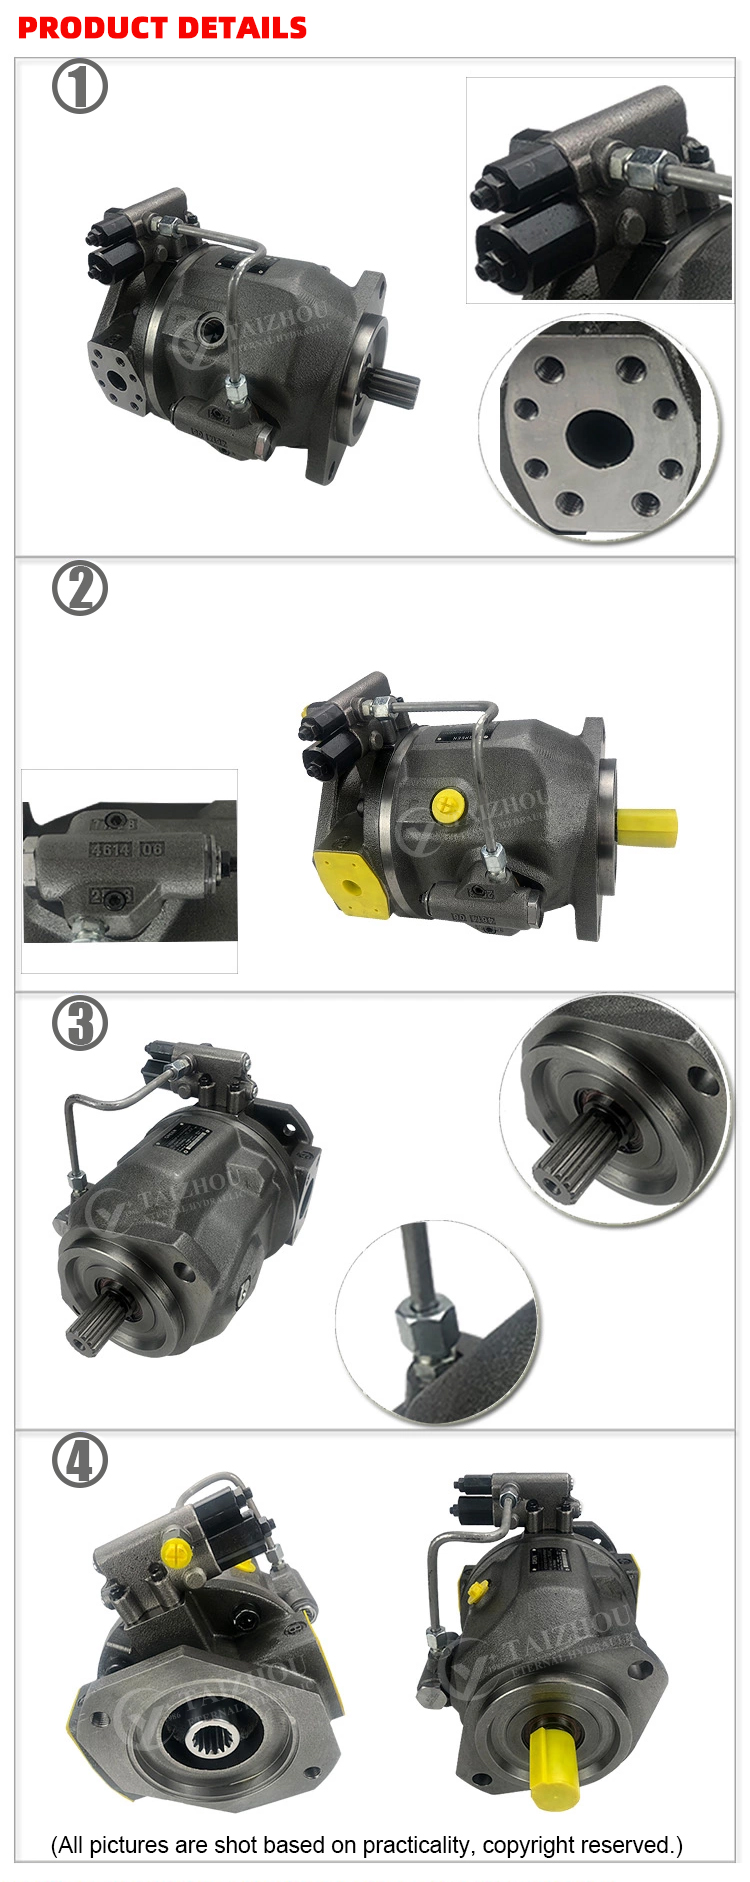 Rexroth A10VSO Pit Tông Bơm, A10V (S) O 45 DR (Drg/DFR) /31R (L)-PP (S; R; U; W) A (C) 12N00 Áp Lực Cao Biến Máy Xúc Piston Bơm